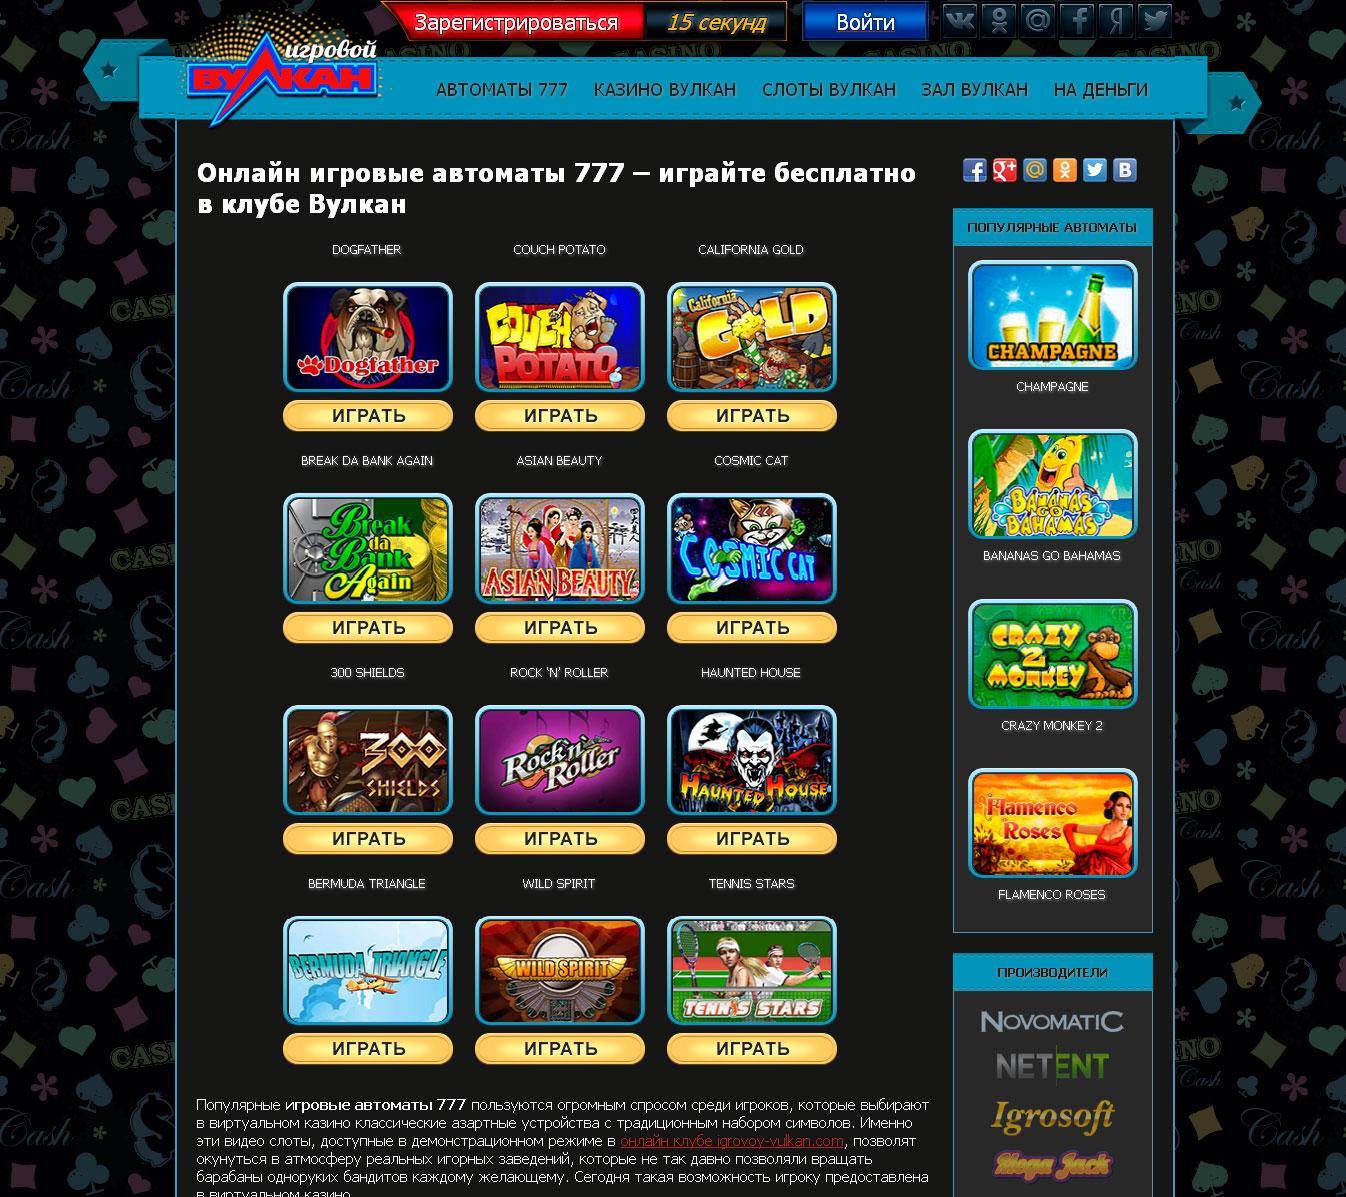 Игровой клуб Вулкан – играйте бесплатно в онлайн режиме